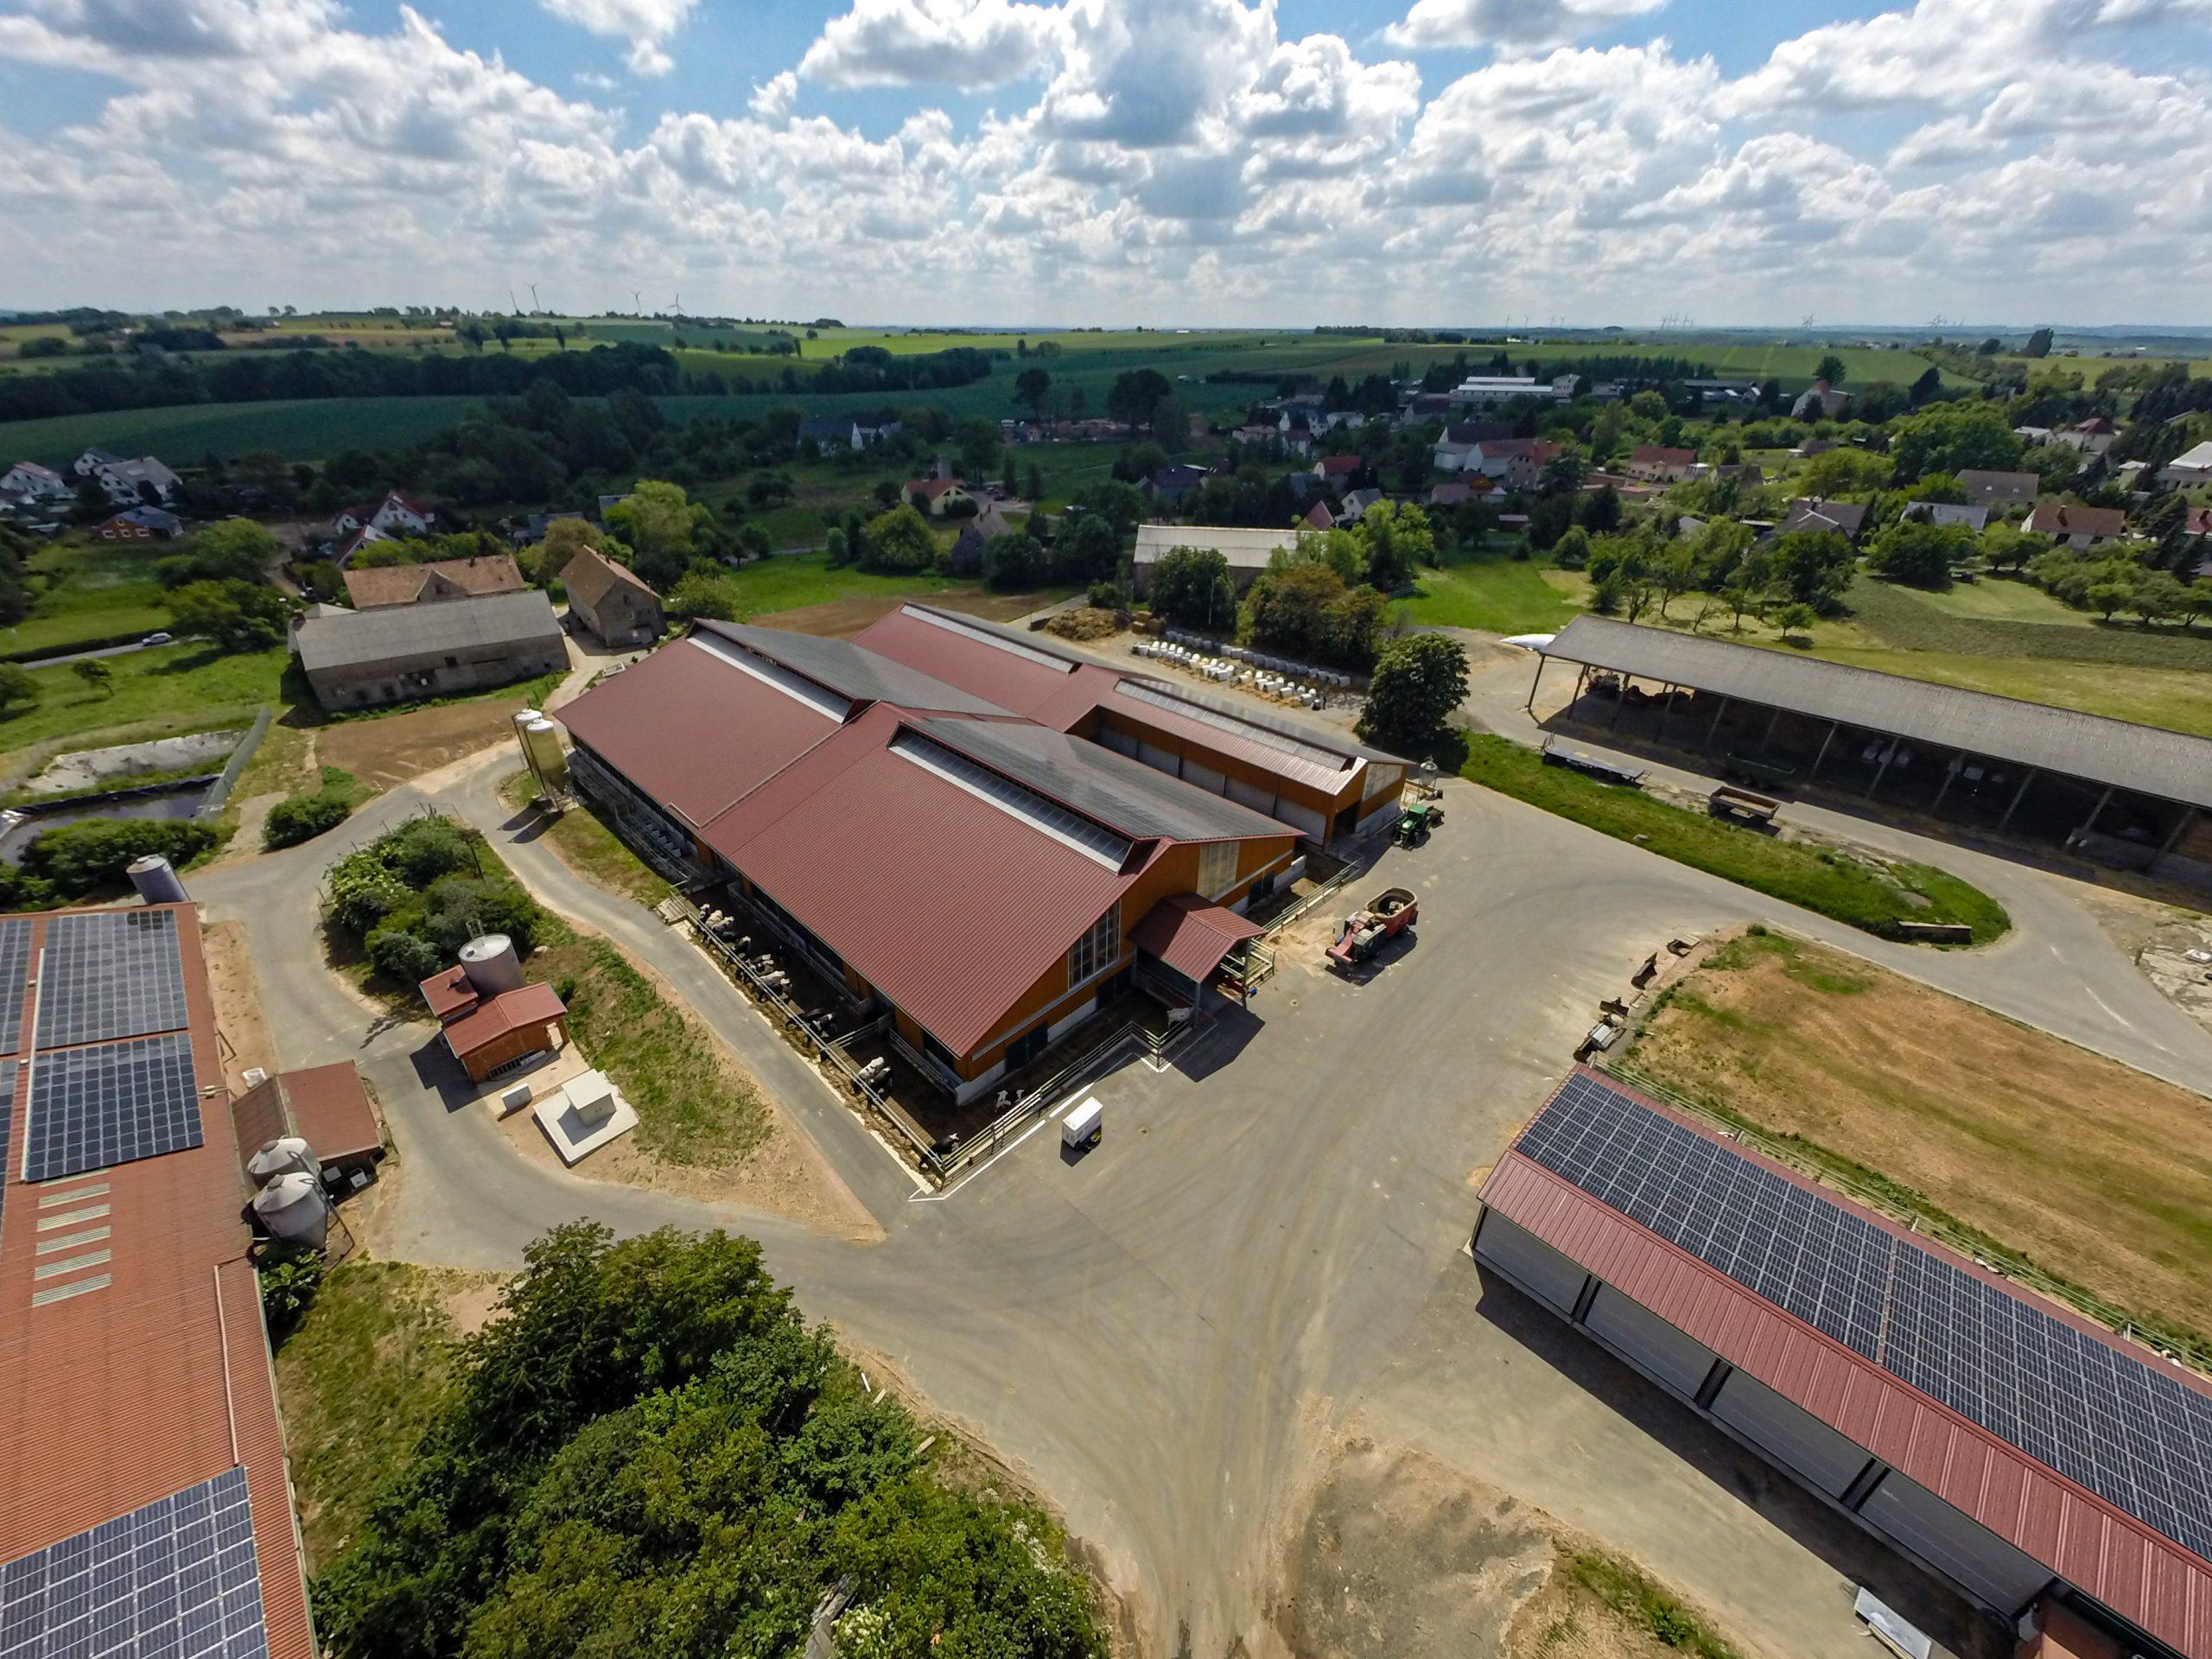 Luftbild Kuhstall